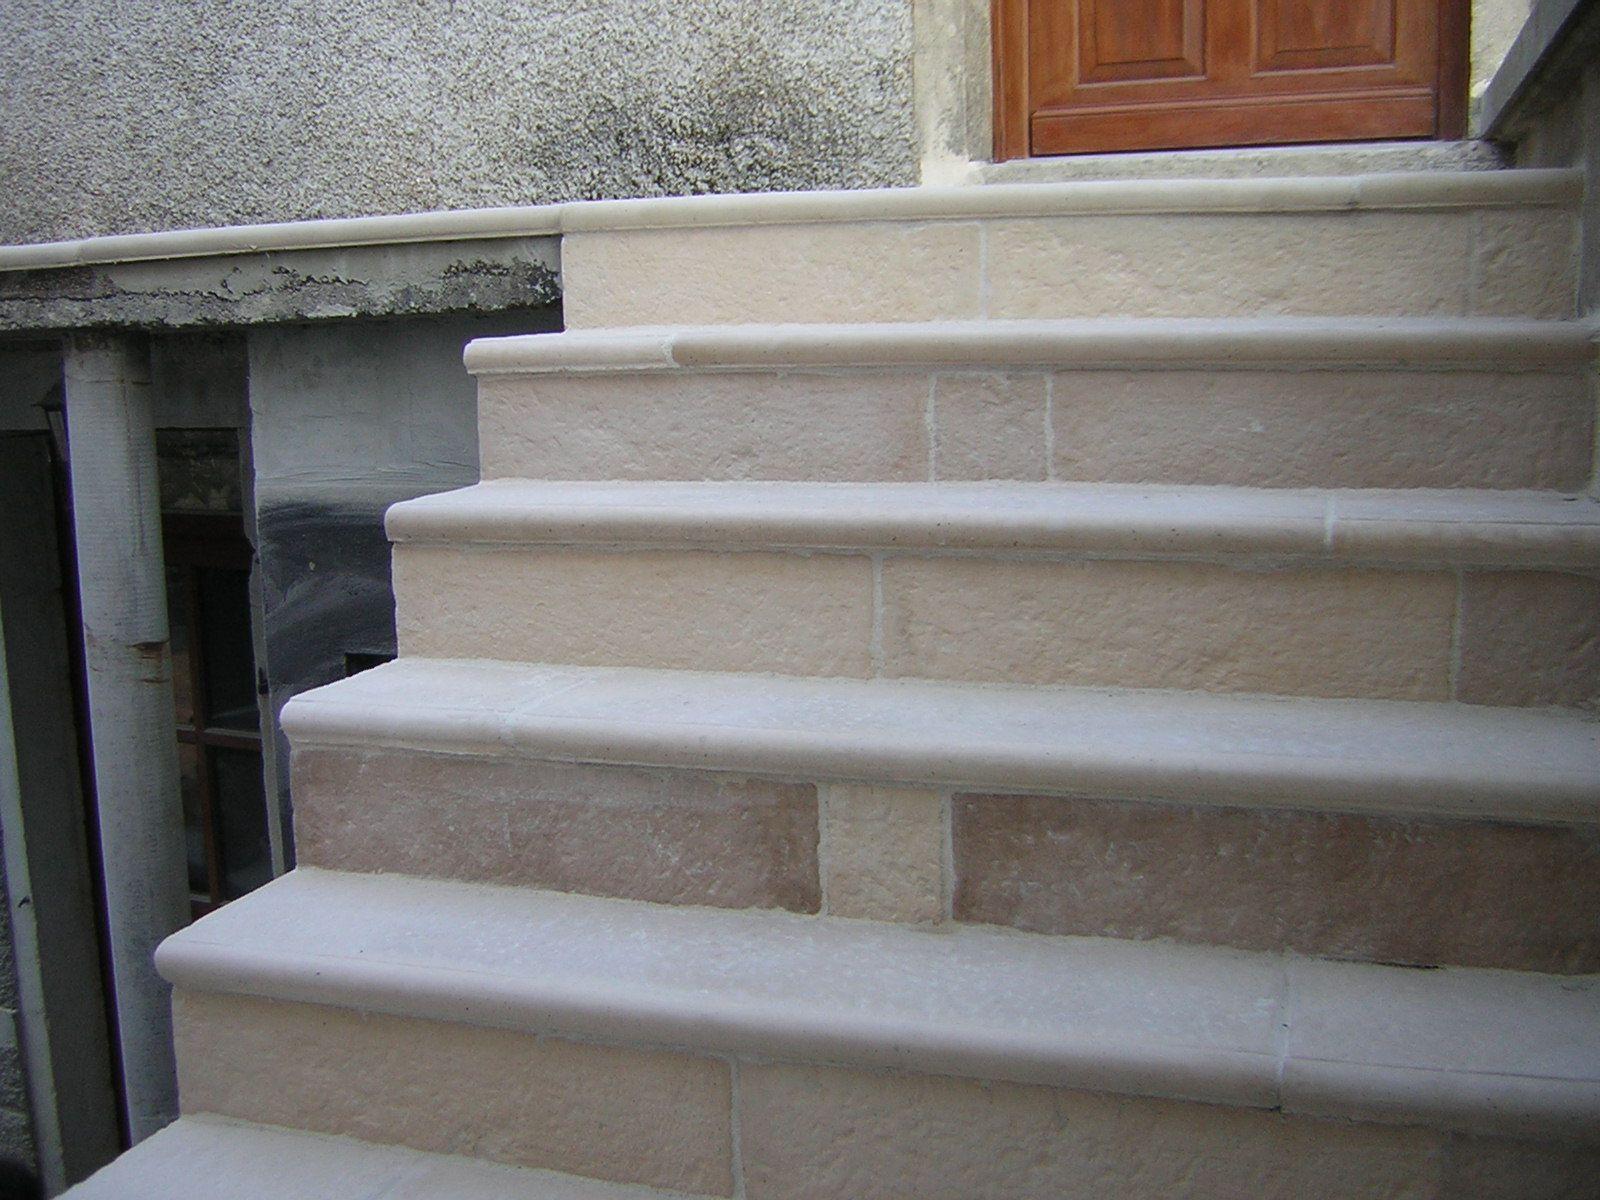 Marche Escalier En Pierre Reconstituee Beton Prefabrique Decoratif Modele Altar Beton Prefabrique Escalier En Pierre Habillage Escalier Beton